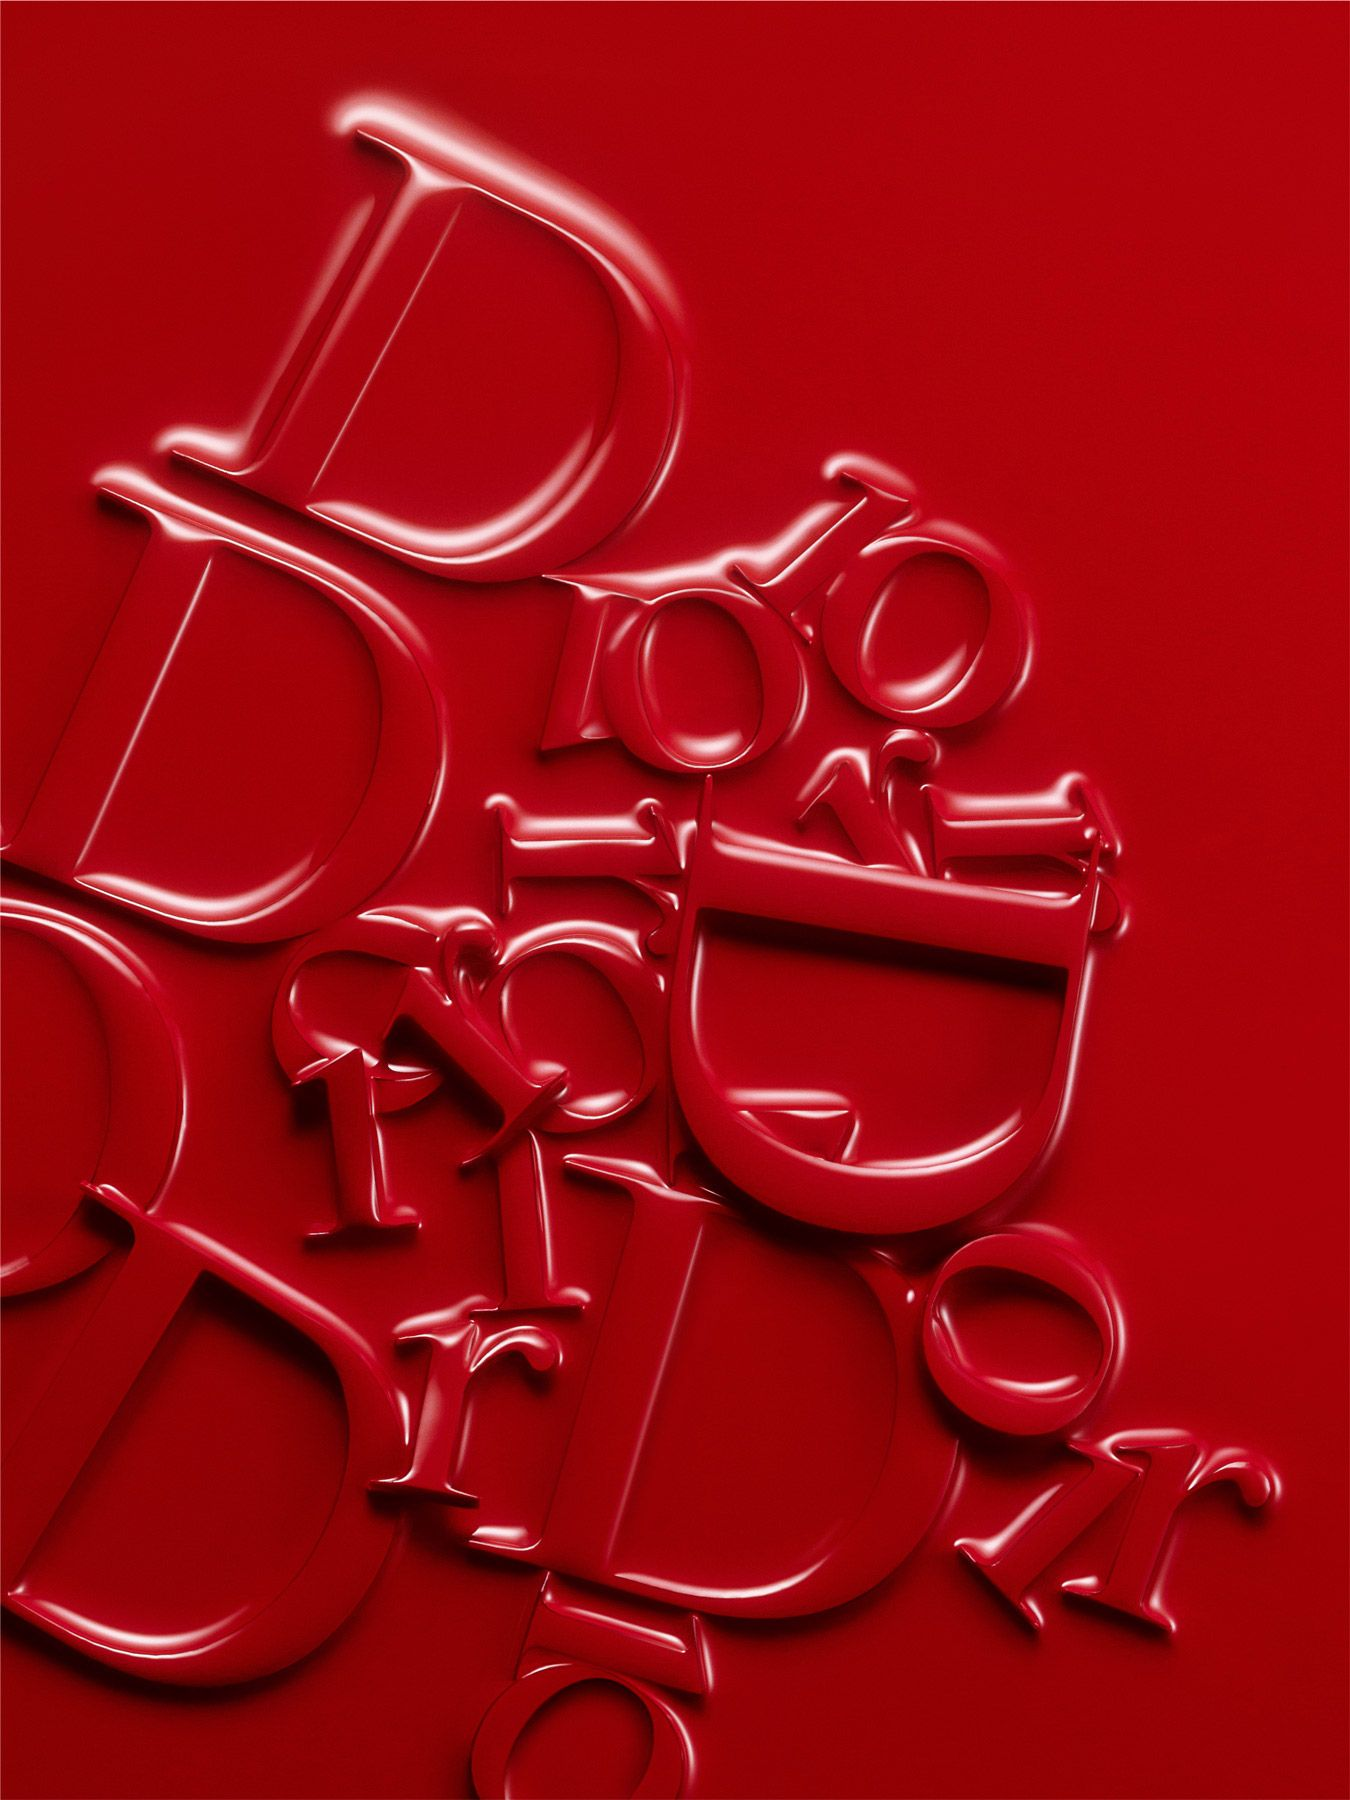 Dior Fond d'écran rouge, Fond d écran couleur, Fond d